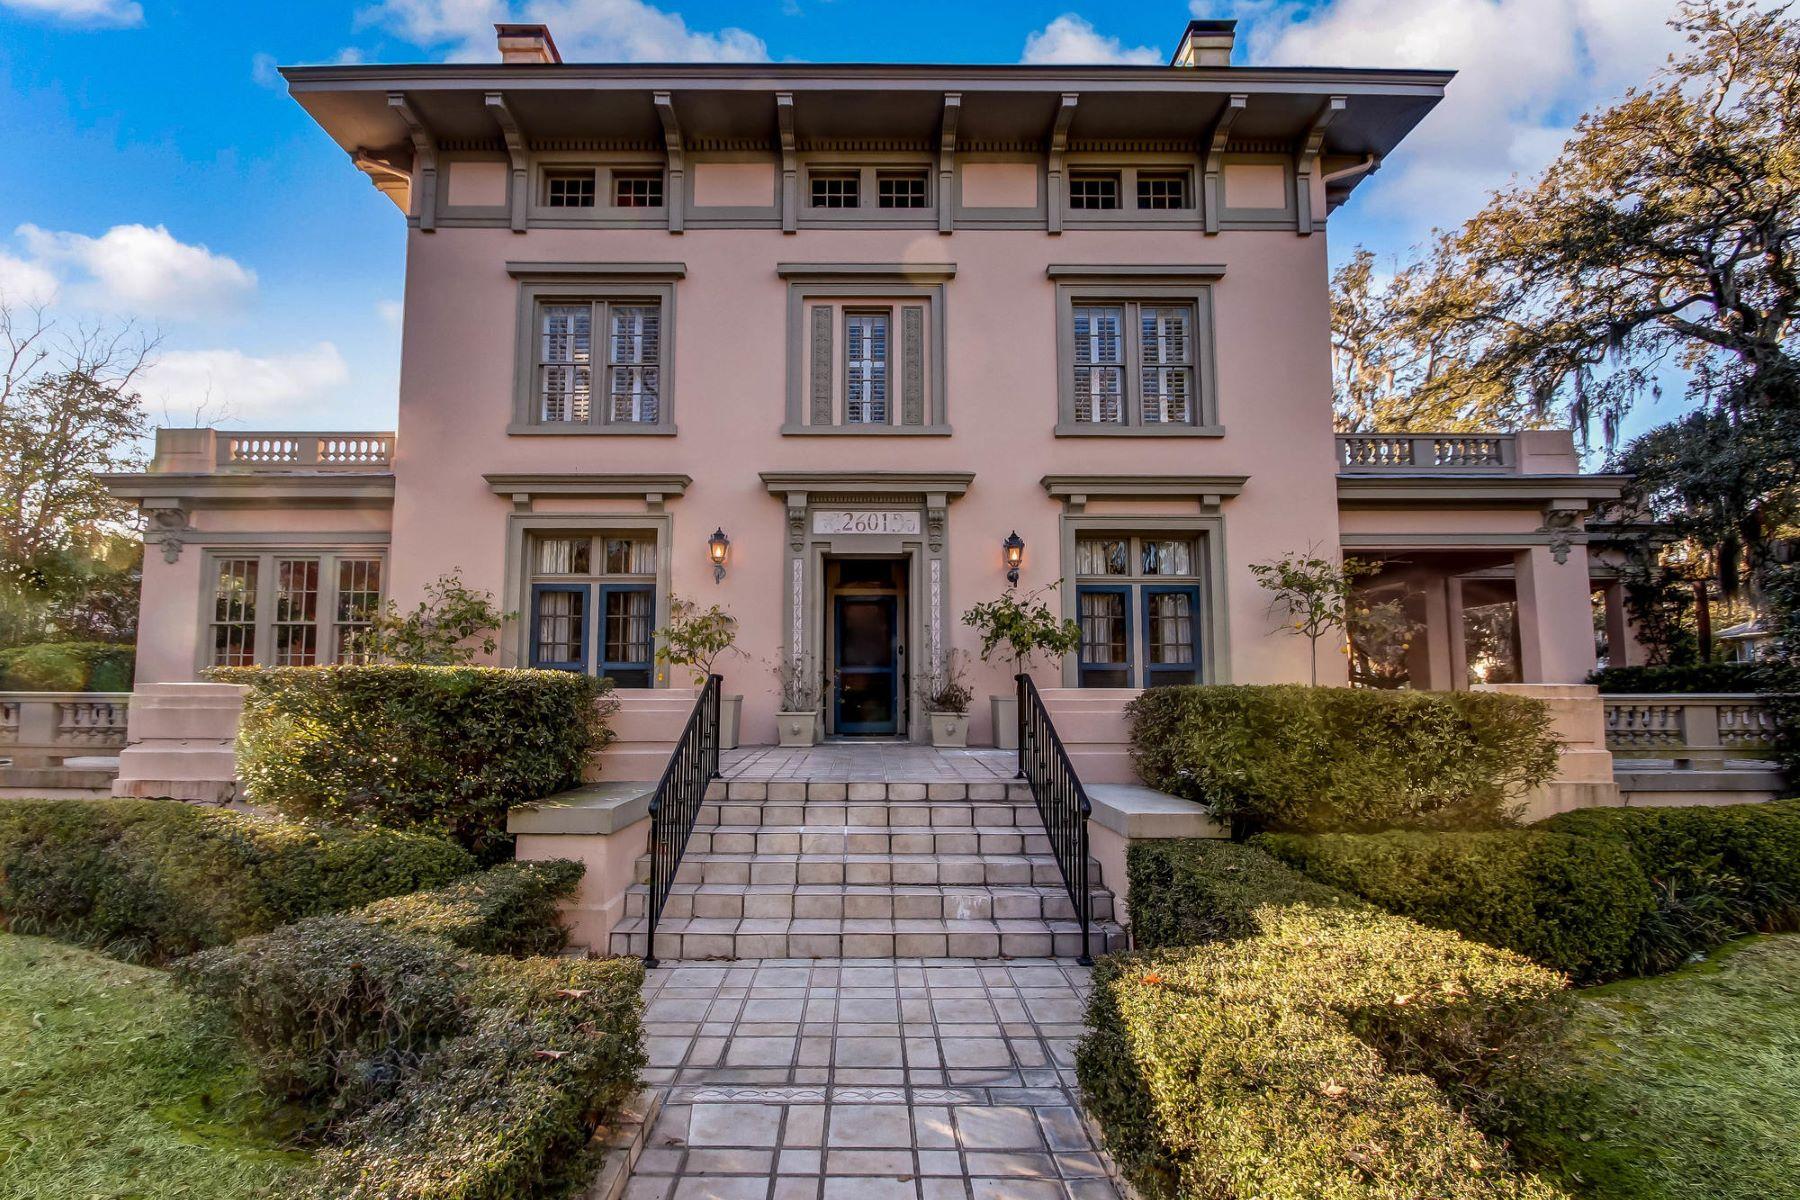 Single Family Home for Sale at 2601 Atlantic Avenue 2601 Atlantic Avenue Savannah, Georgia 31405 United States